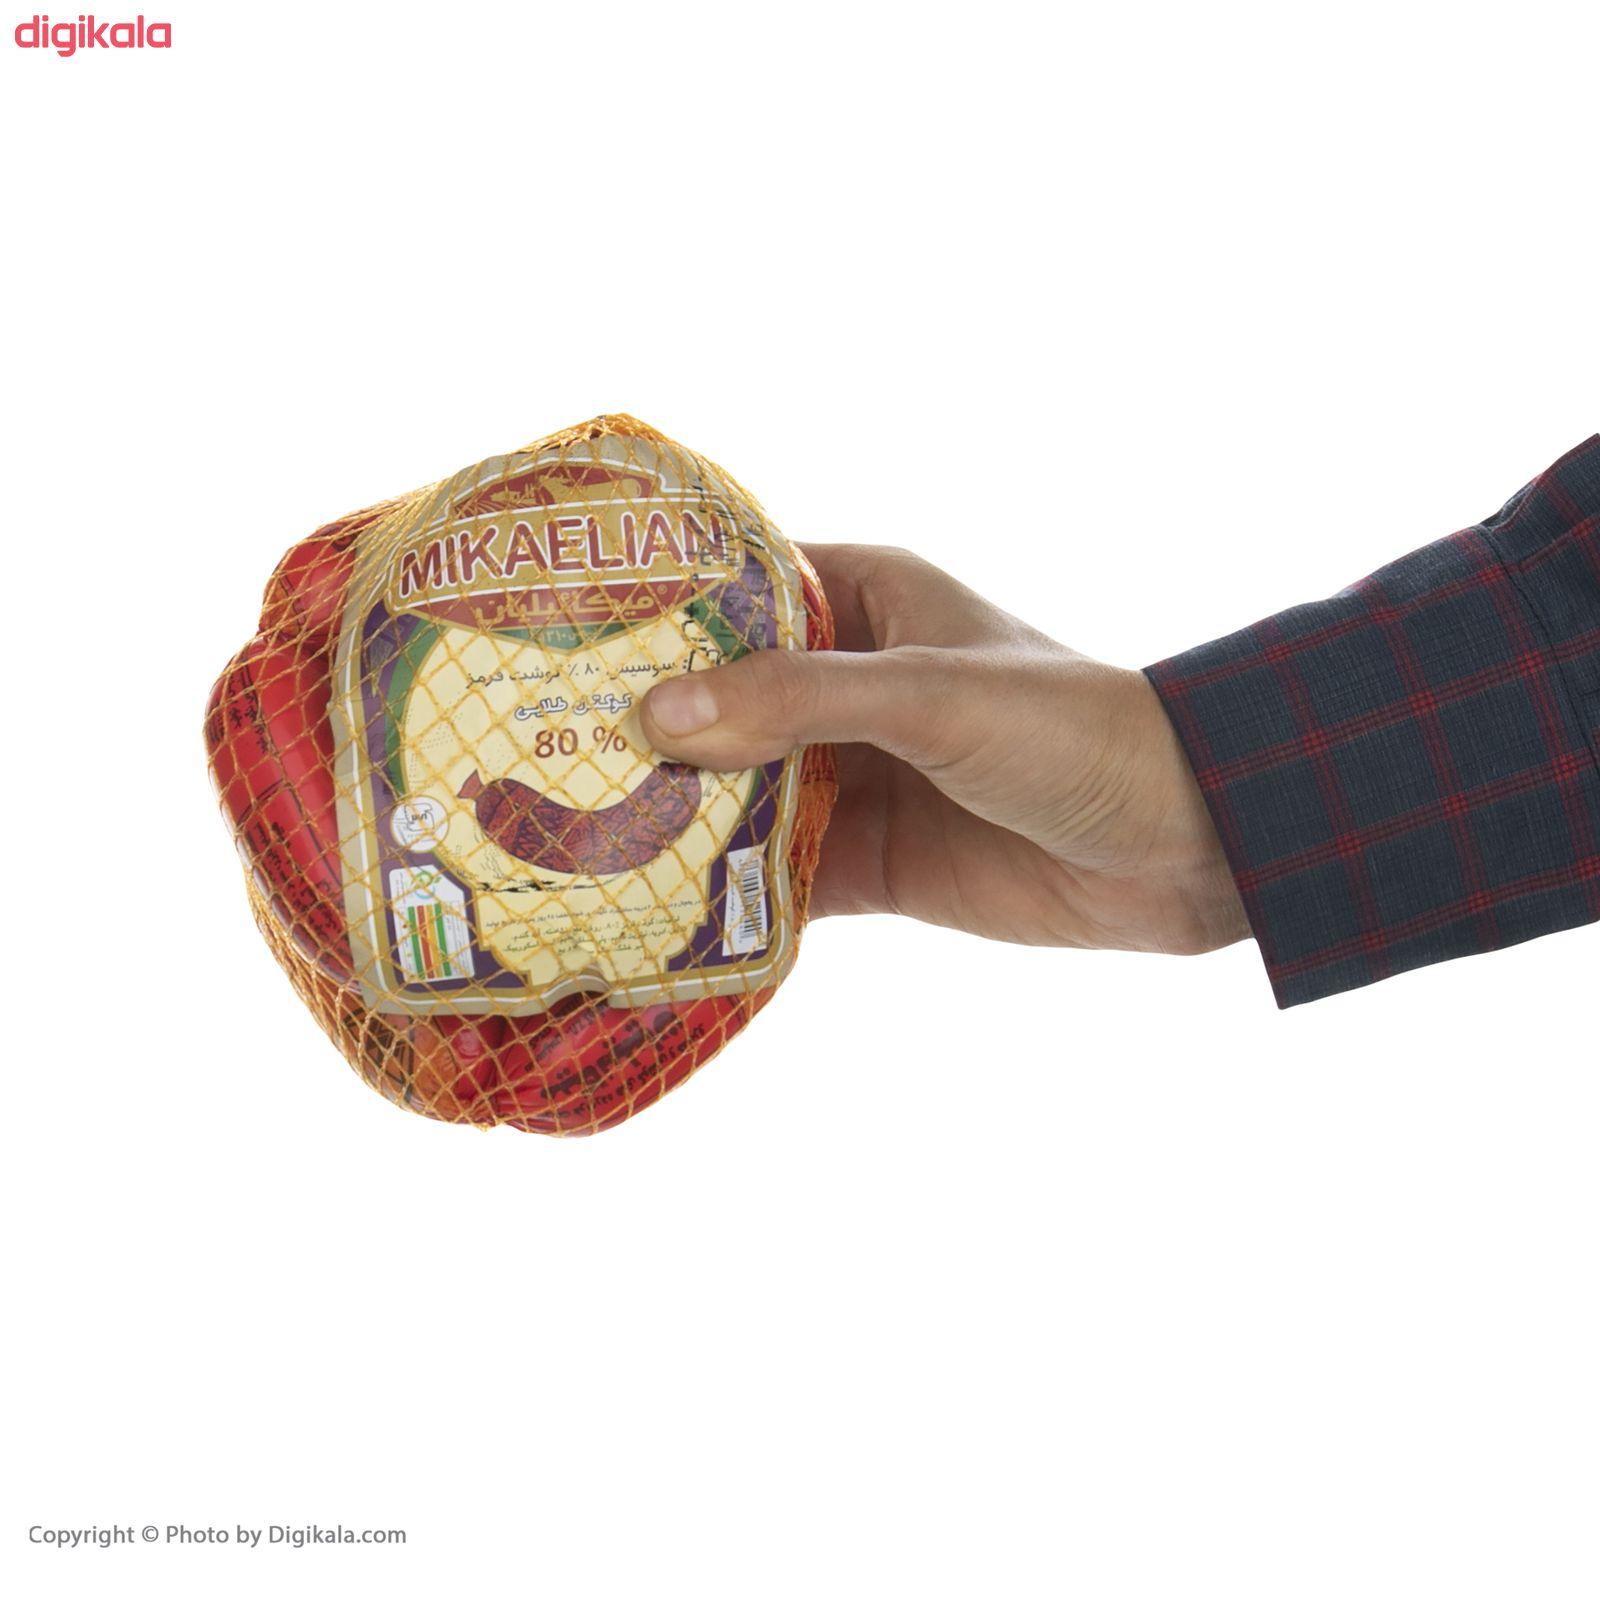 کوکتل طلایی گوشت قرمز 80% میکائیلیان مقدار 600 گرم main 1 6